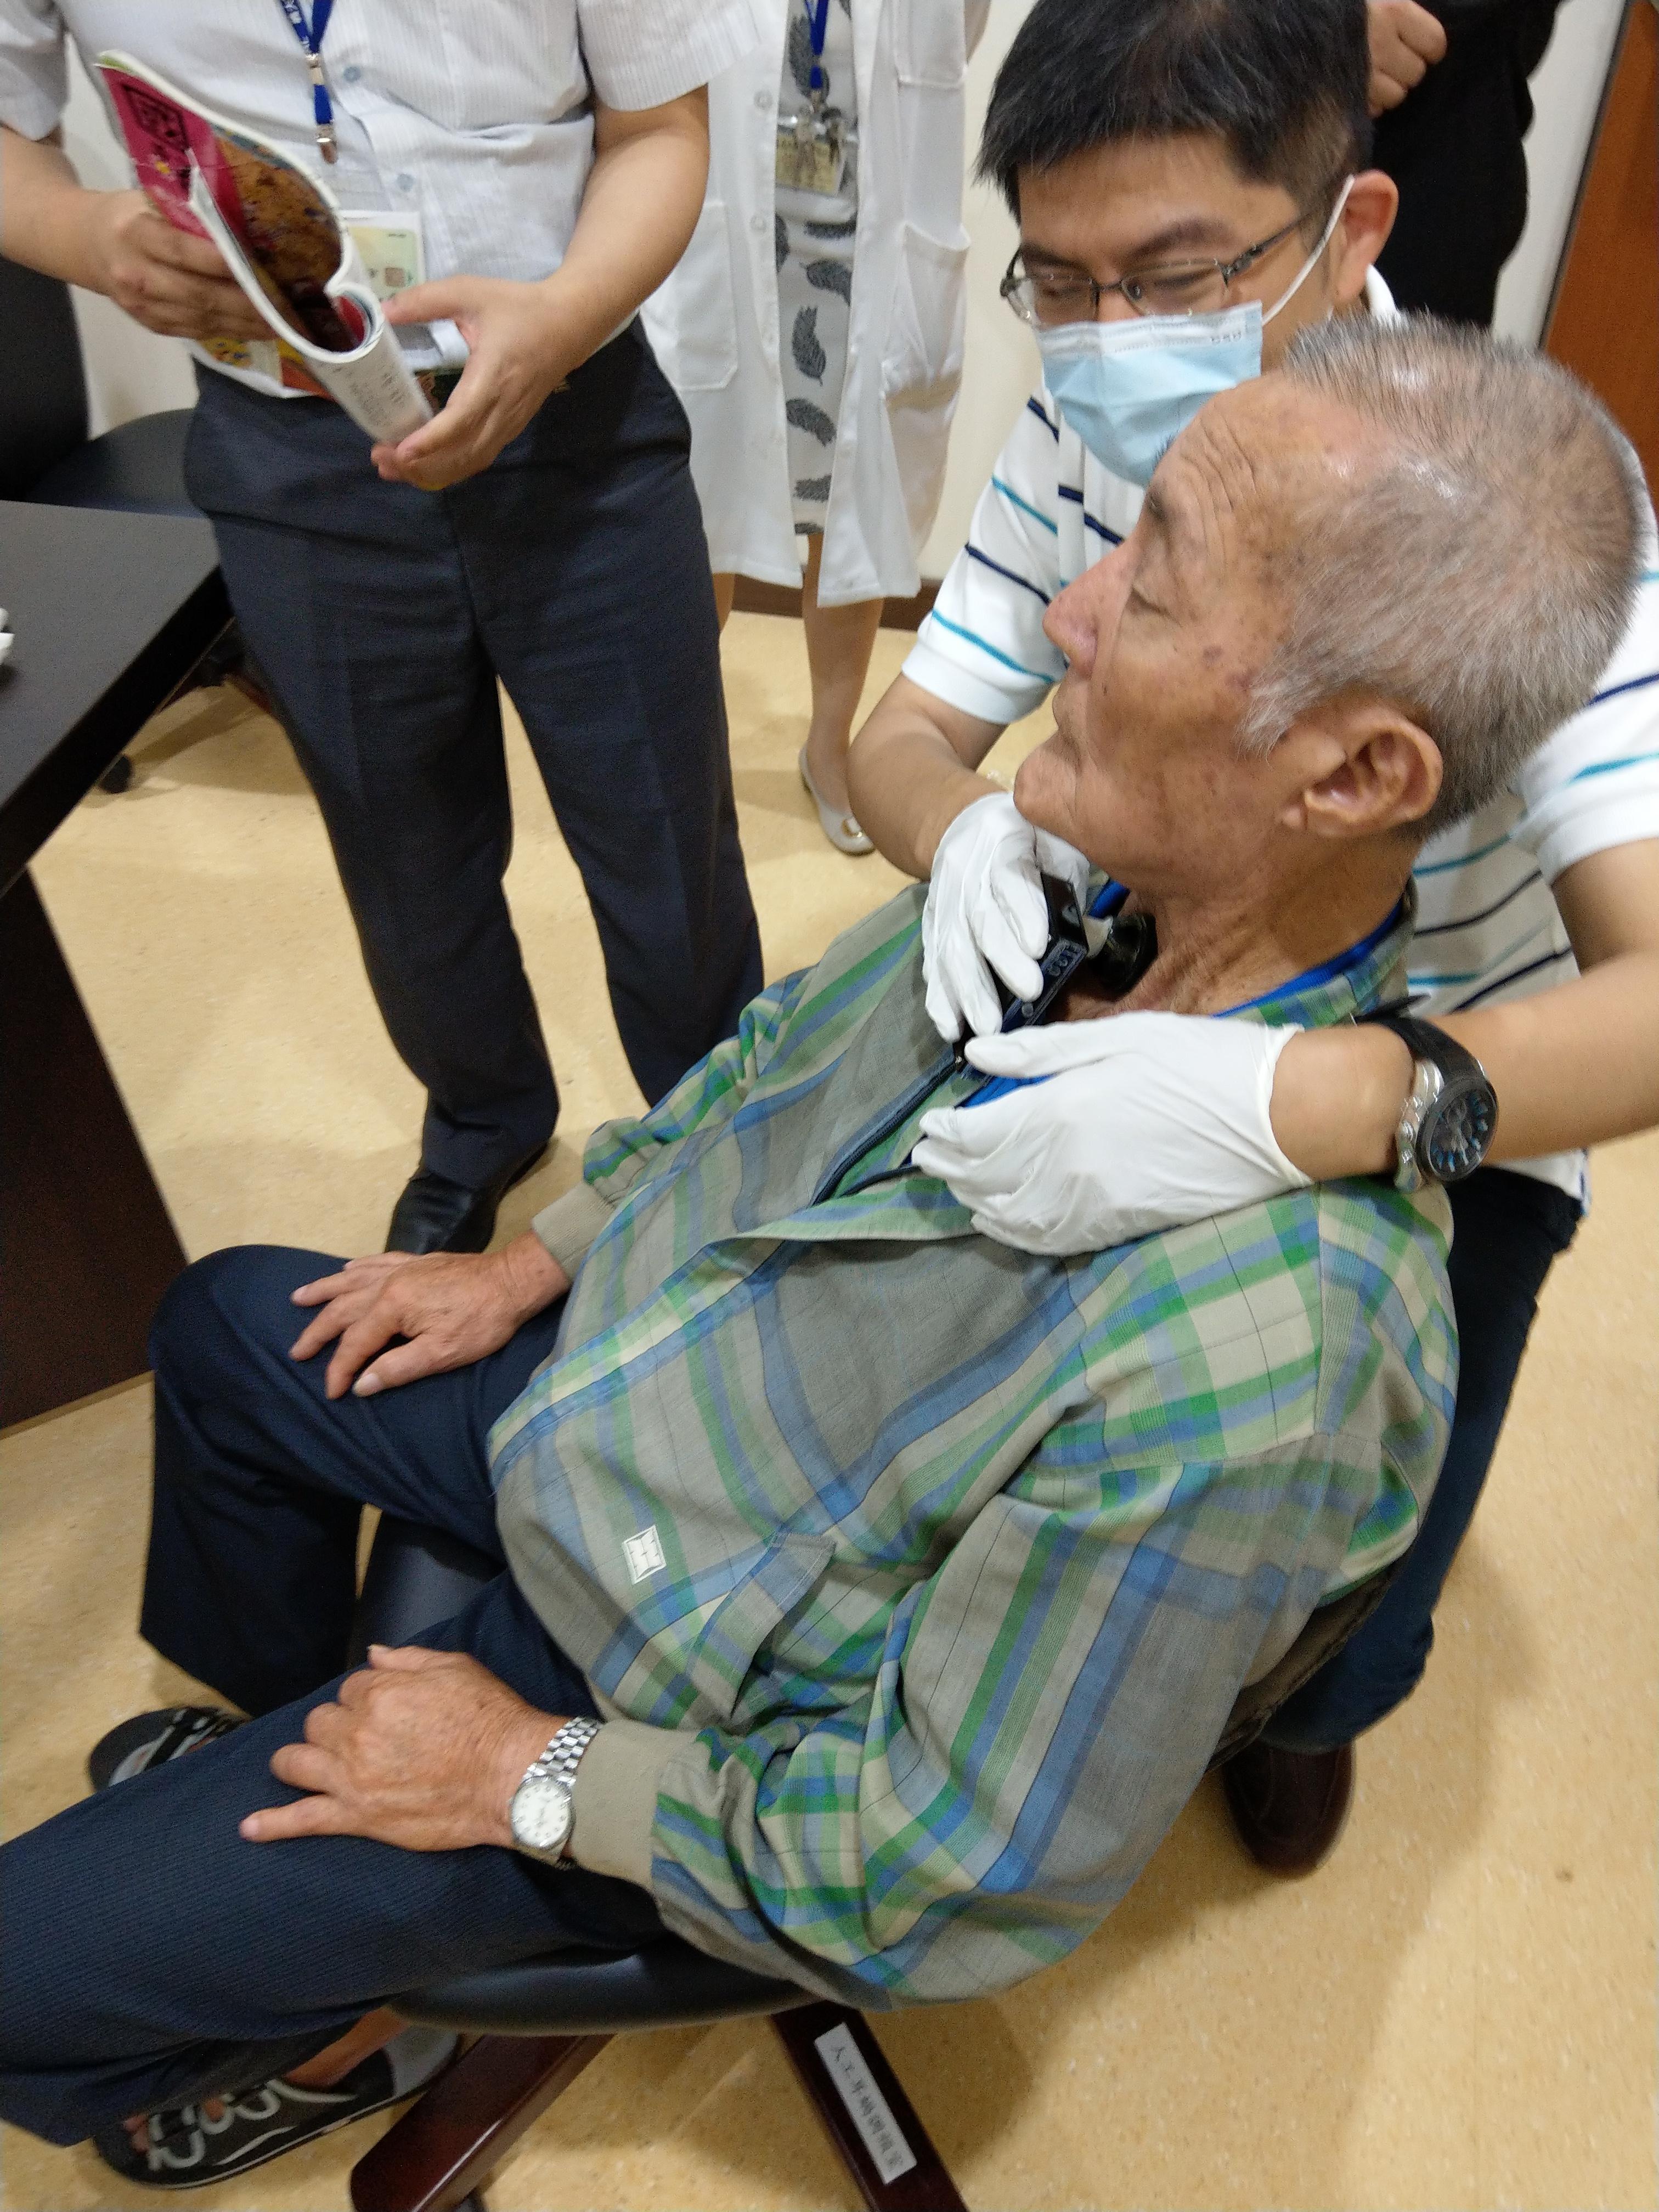 人工電子喉測試場景